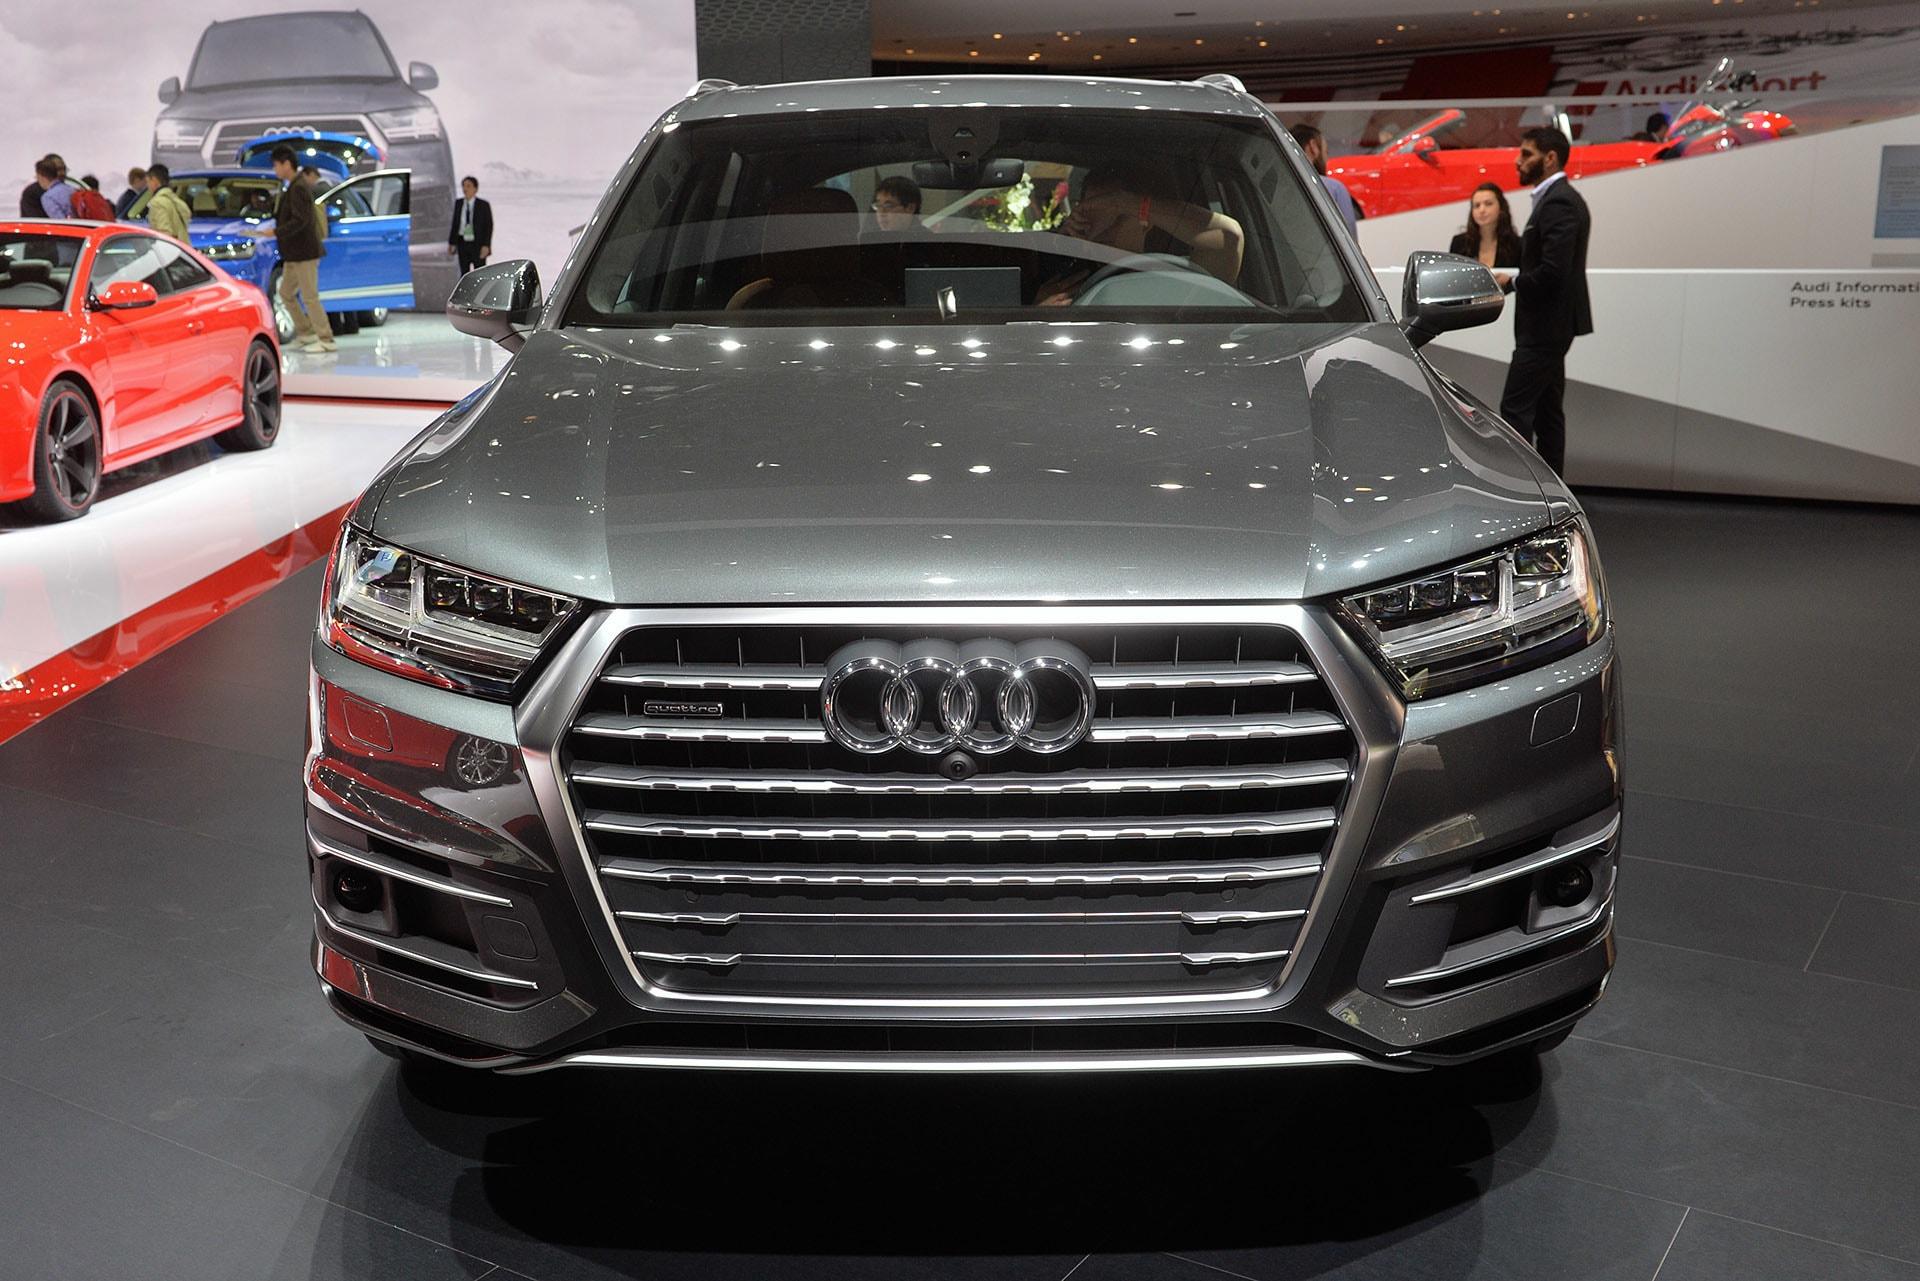 Audi Q7 II Pictures